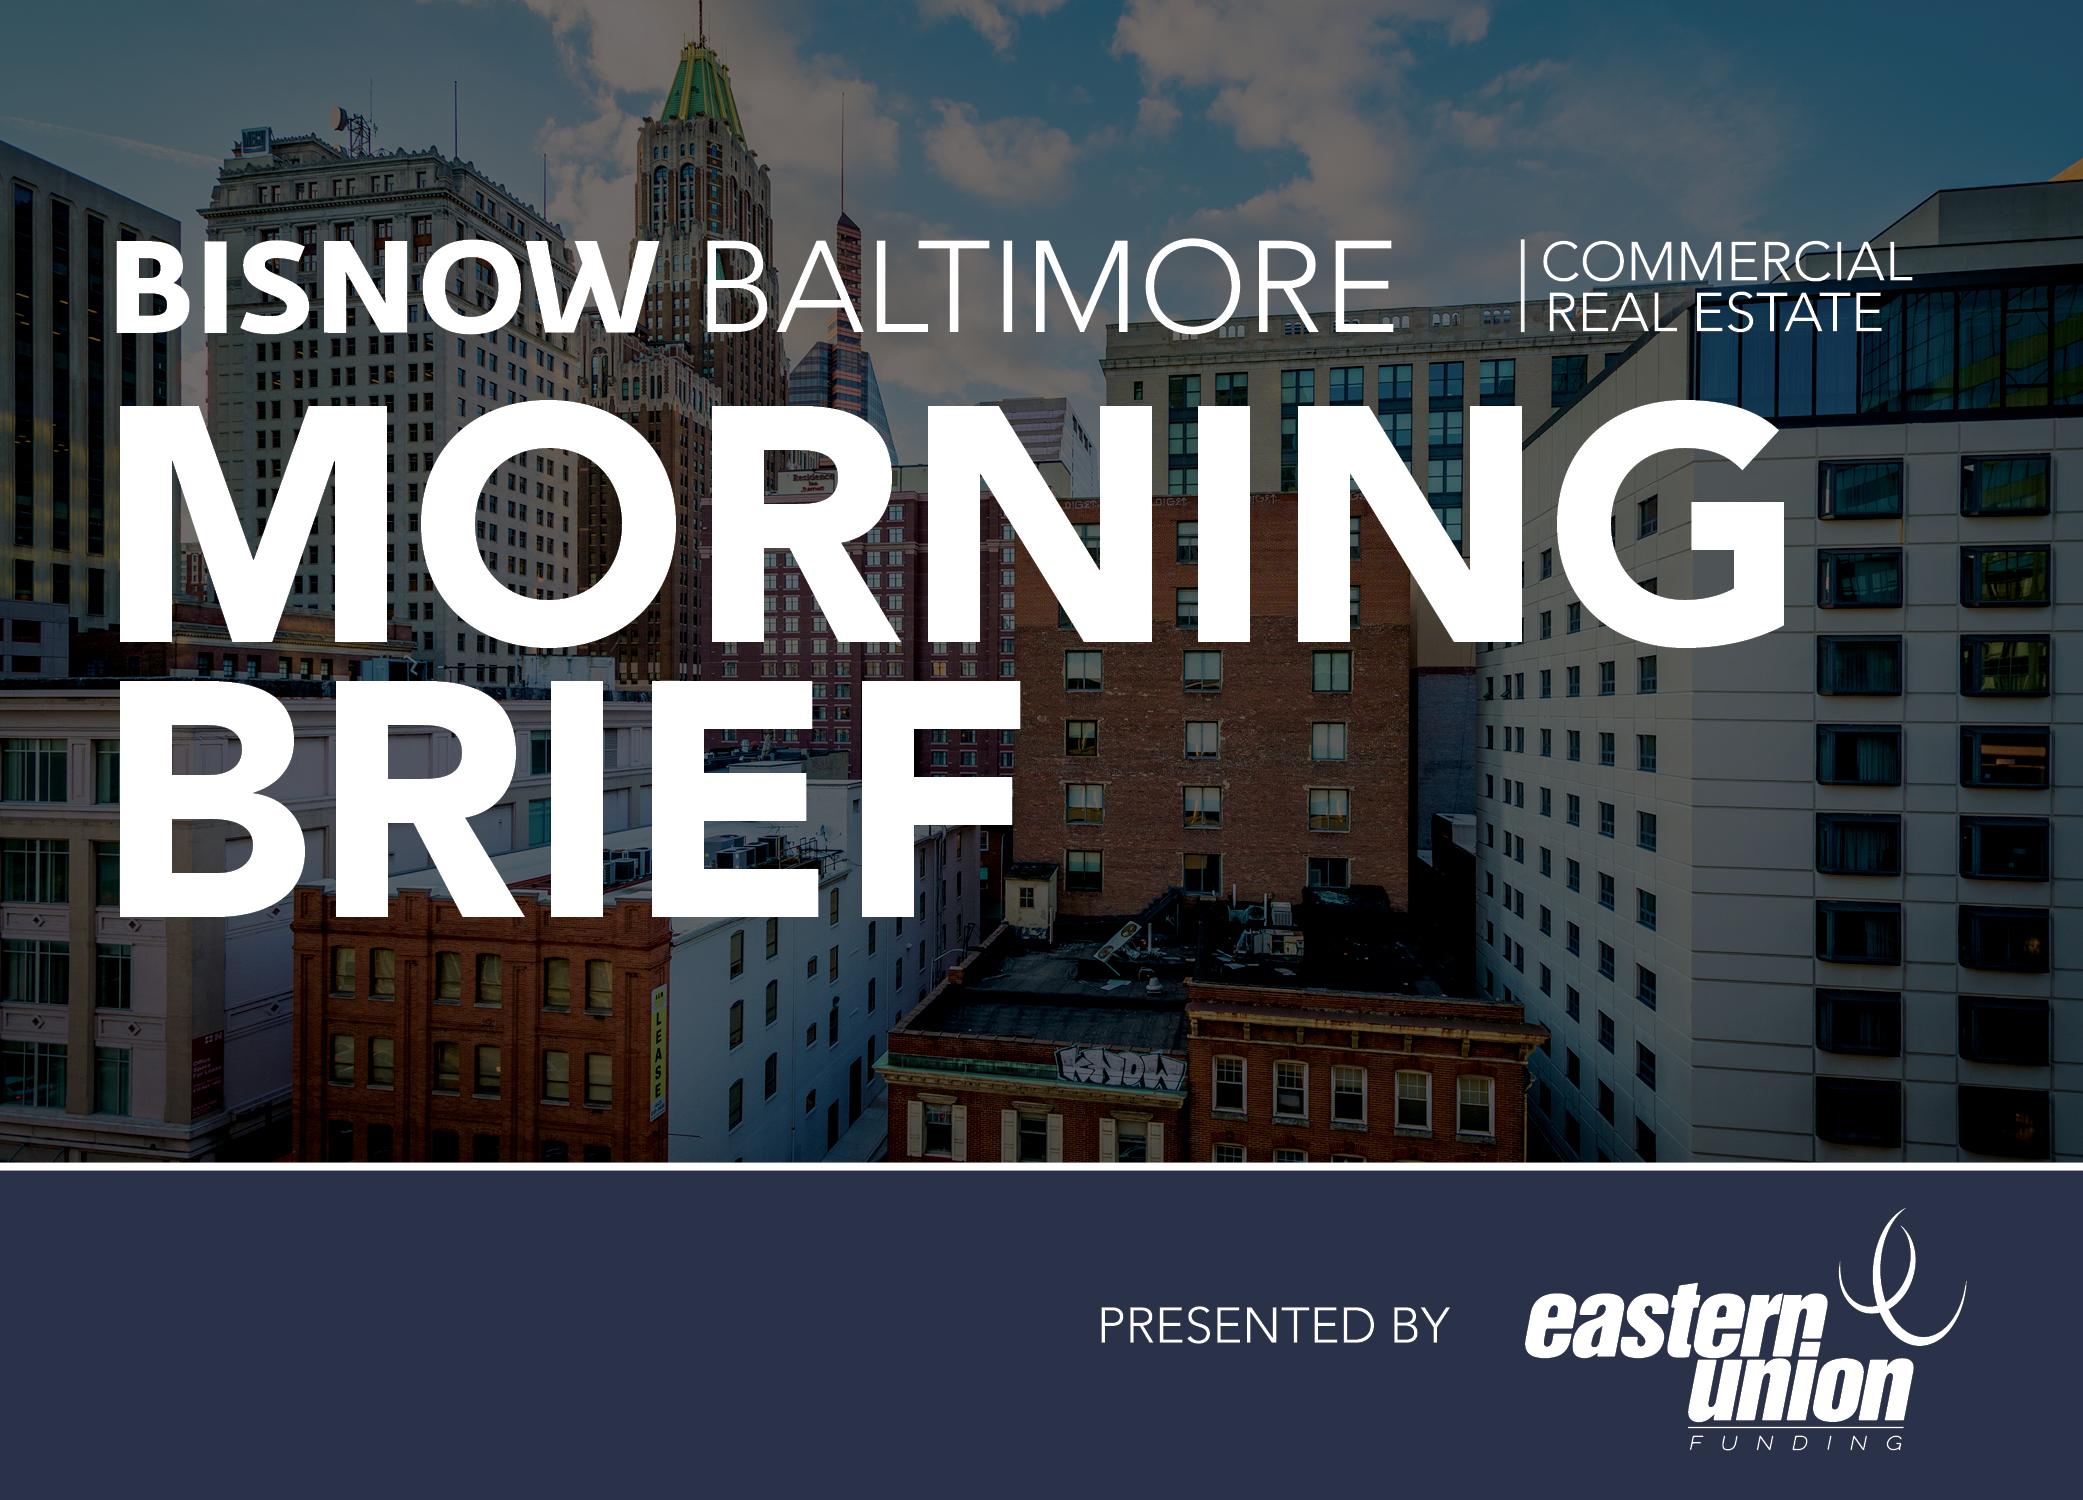 Bisnow Morning Brief Baltimore